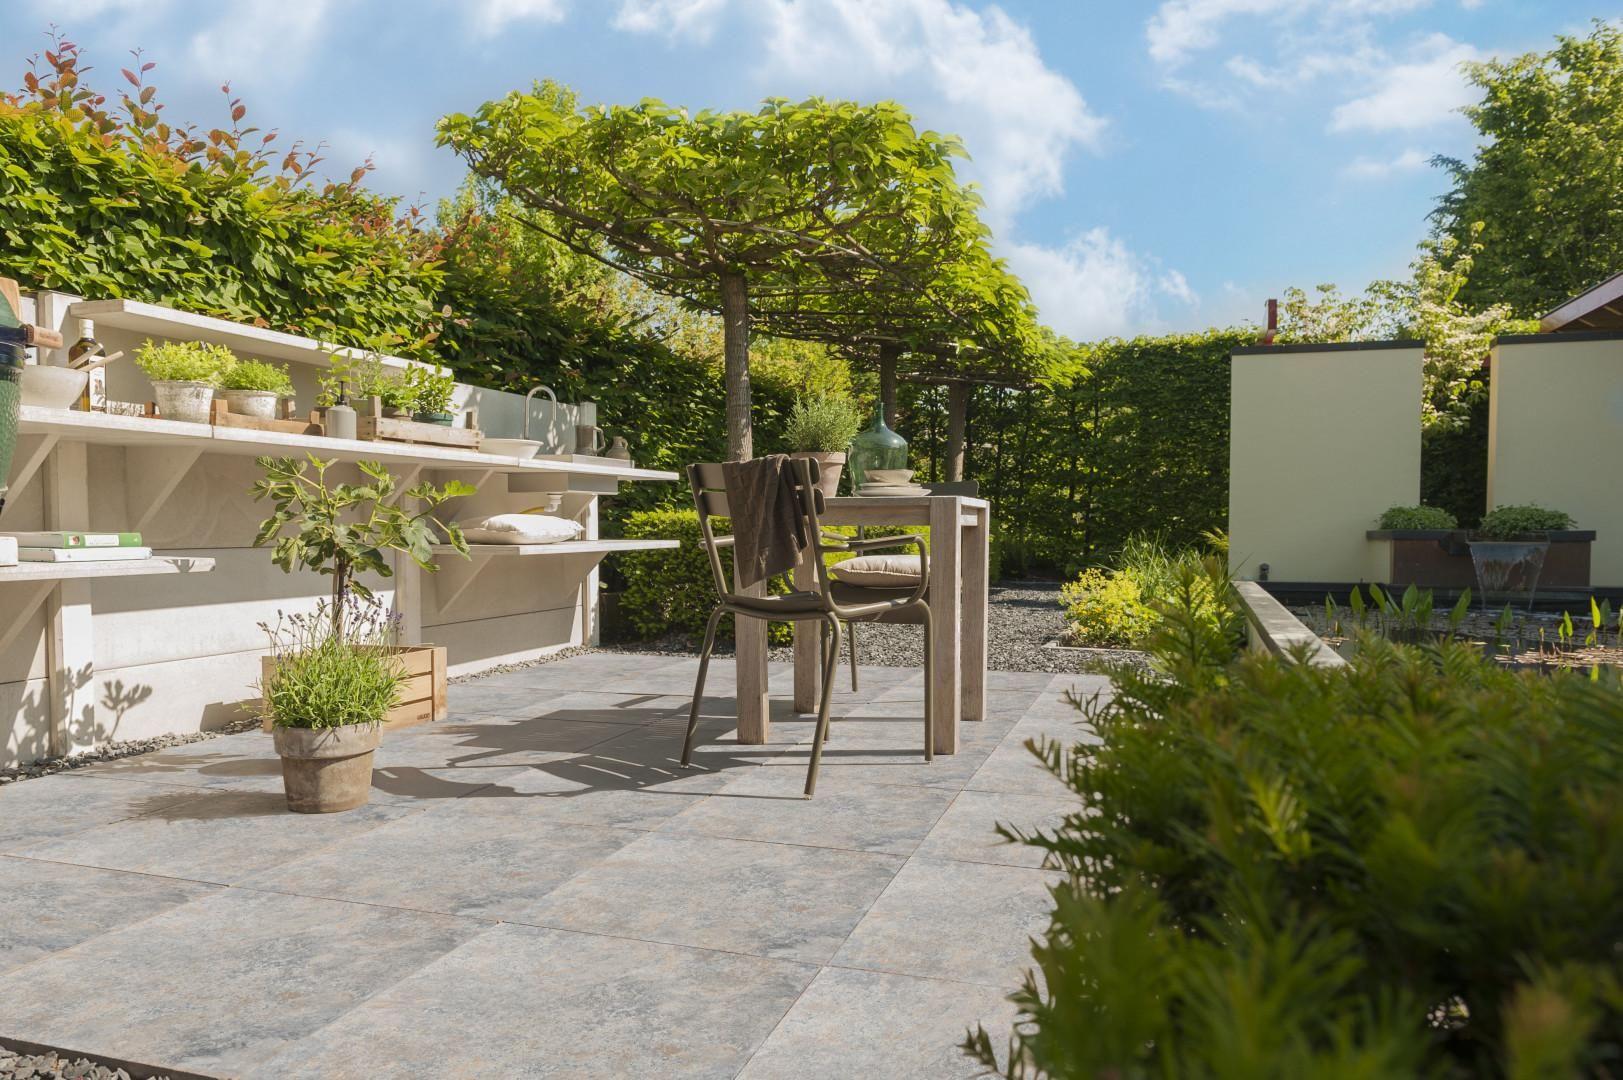 Tuin Met Tegels : Geef je tuin een fijne uitstraling met deze luxe tegels. tuinpaden